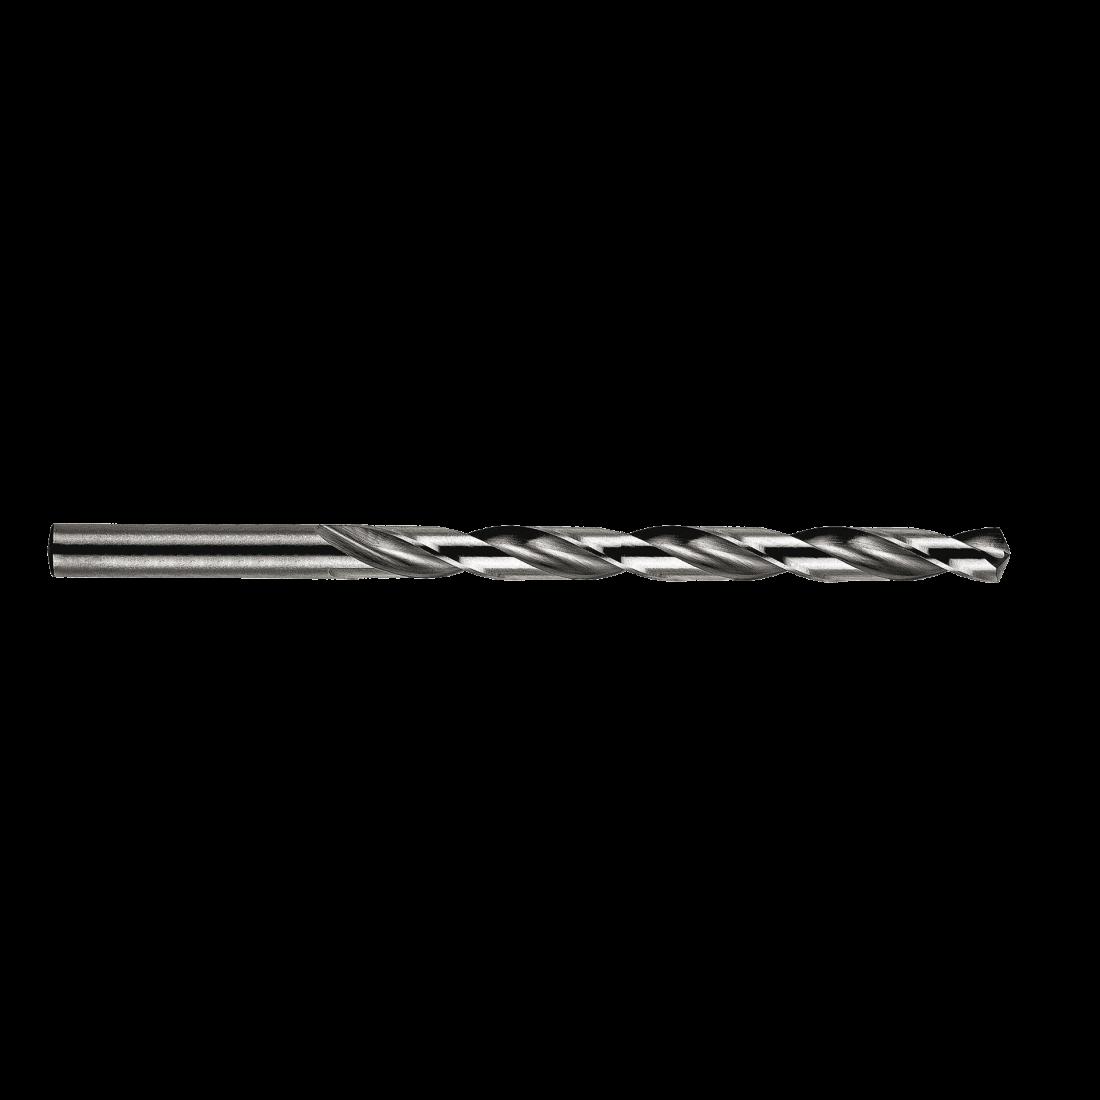 Сверлo по металлу Heller HSS-G Super DIN 340 сверхдлиннoе 7х102х156мм